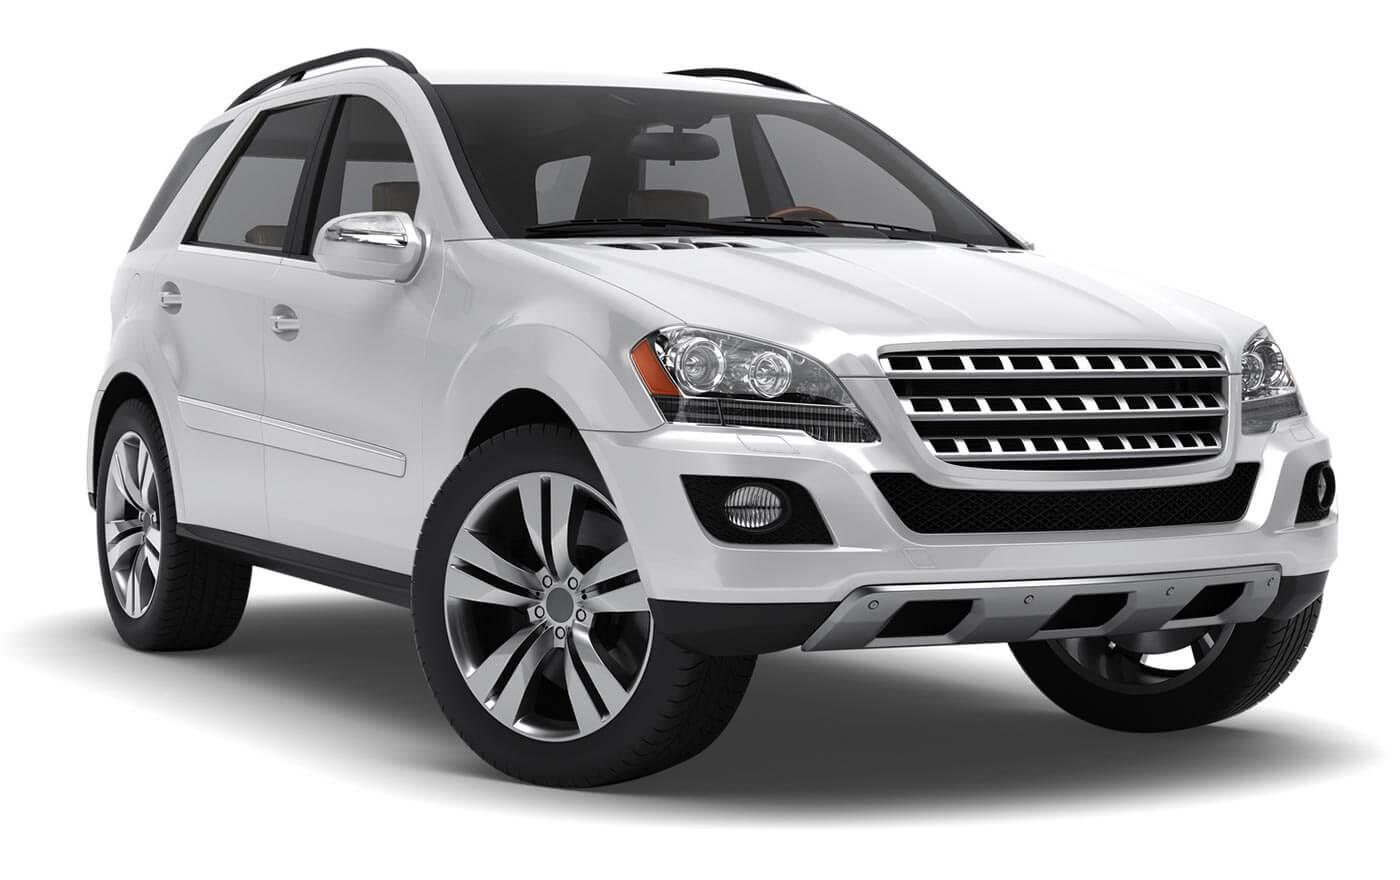 Freistellen Bildbearbeitung Farbe ändern Farbänderung Fahrzeug weiß Auto